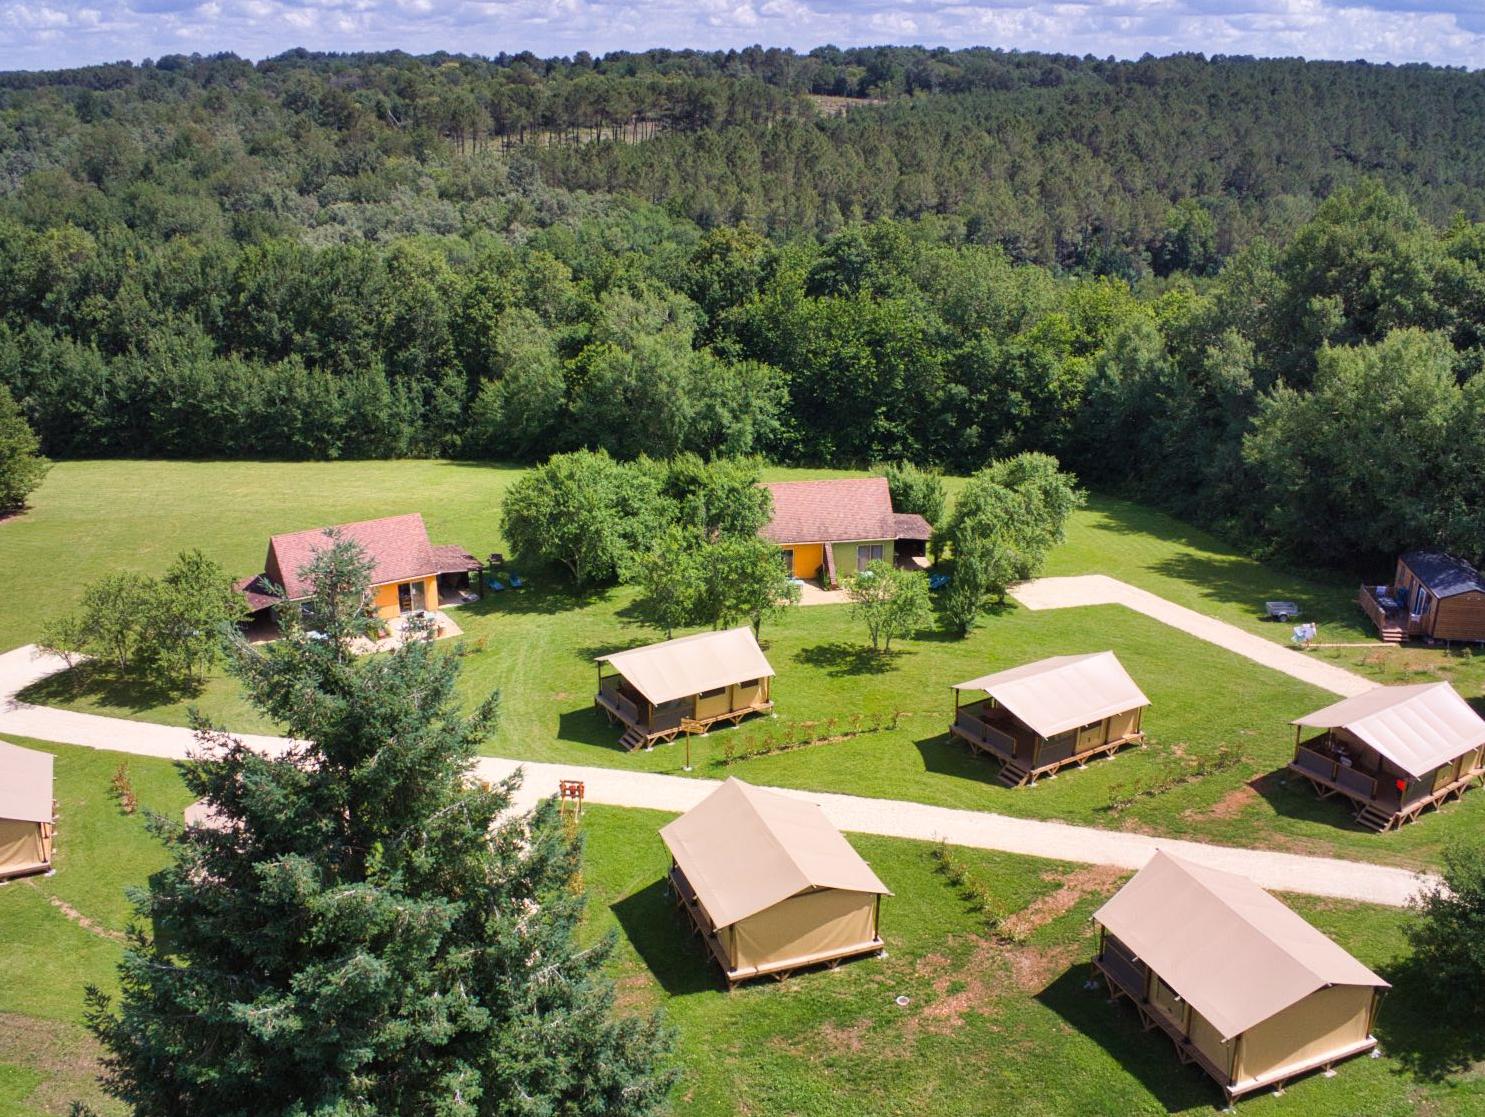 Camping le Domaine du Bois Coquet, La Douze, Dordogne